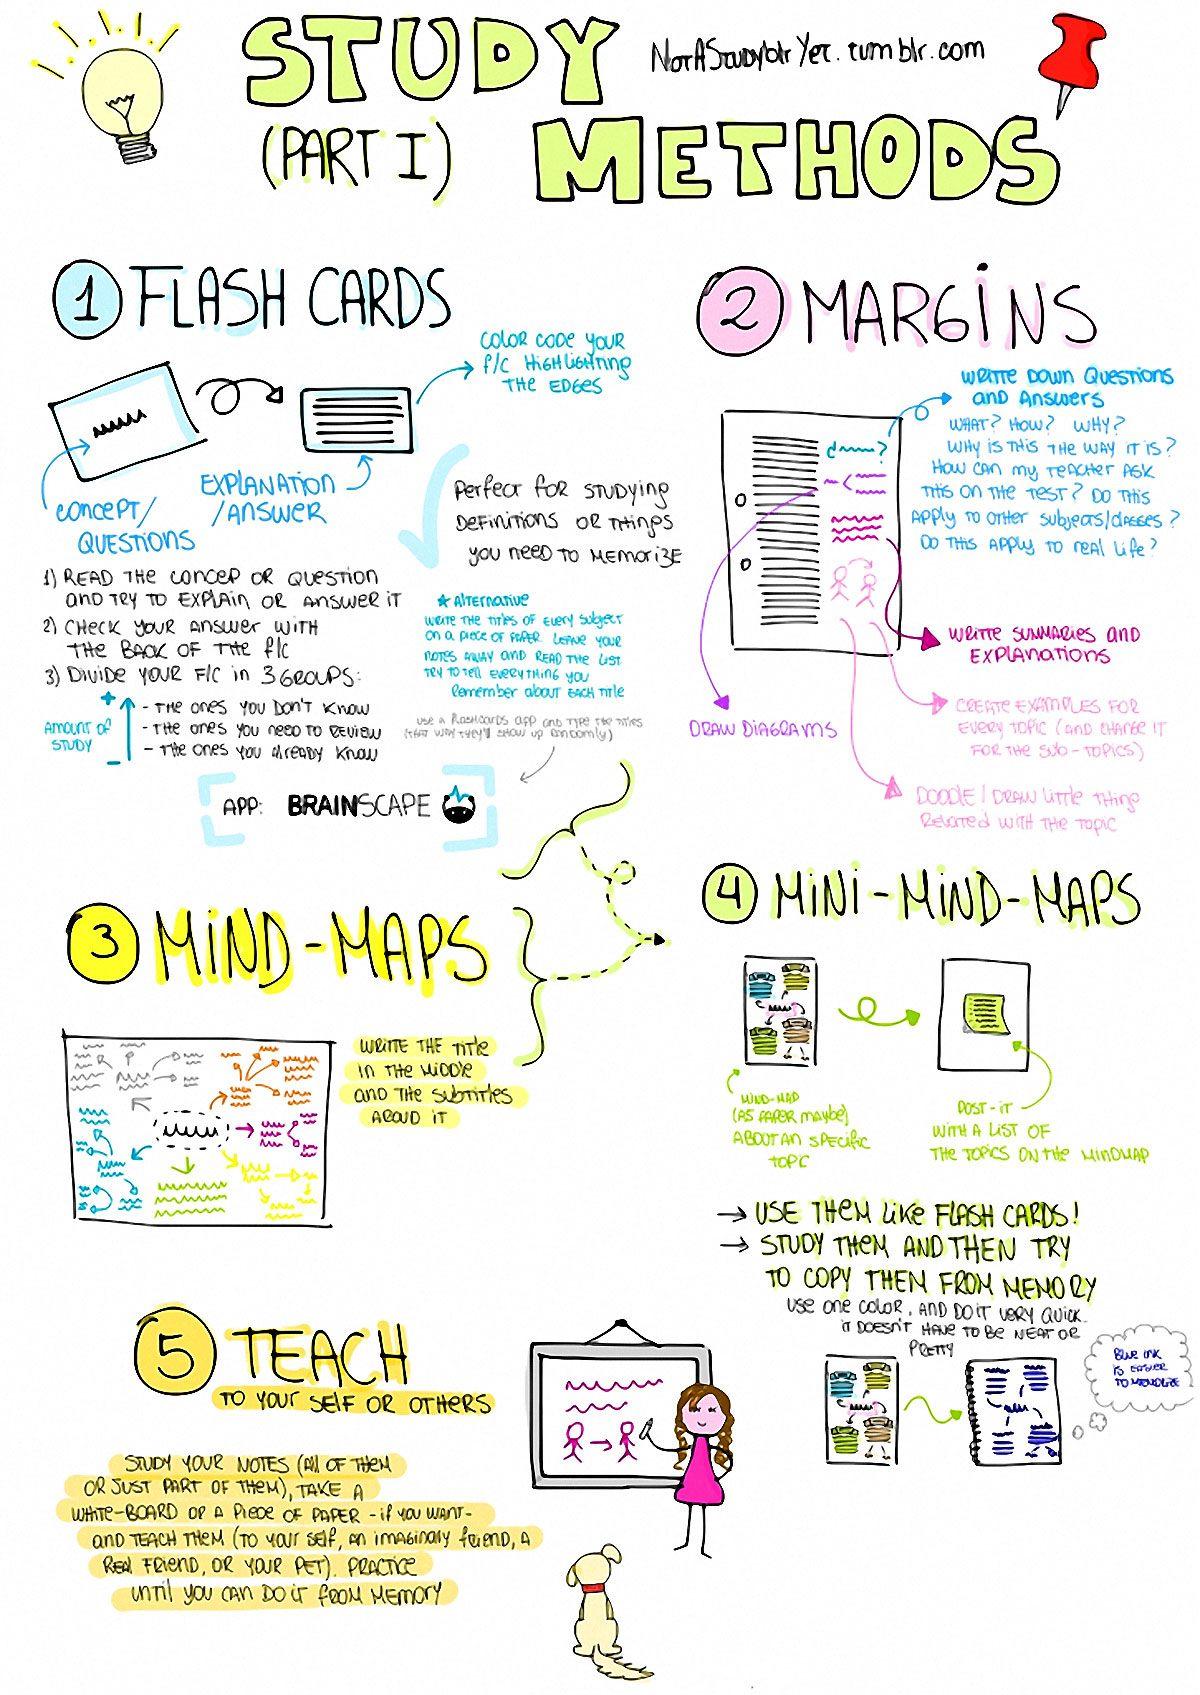 Study Methods Infographic